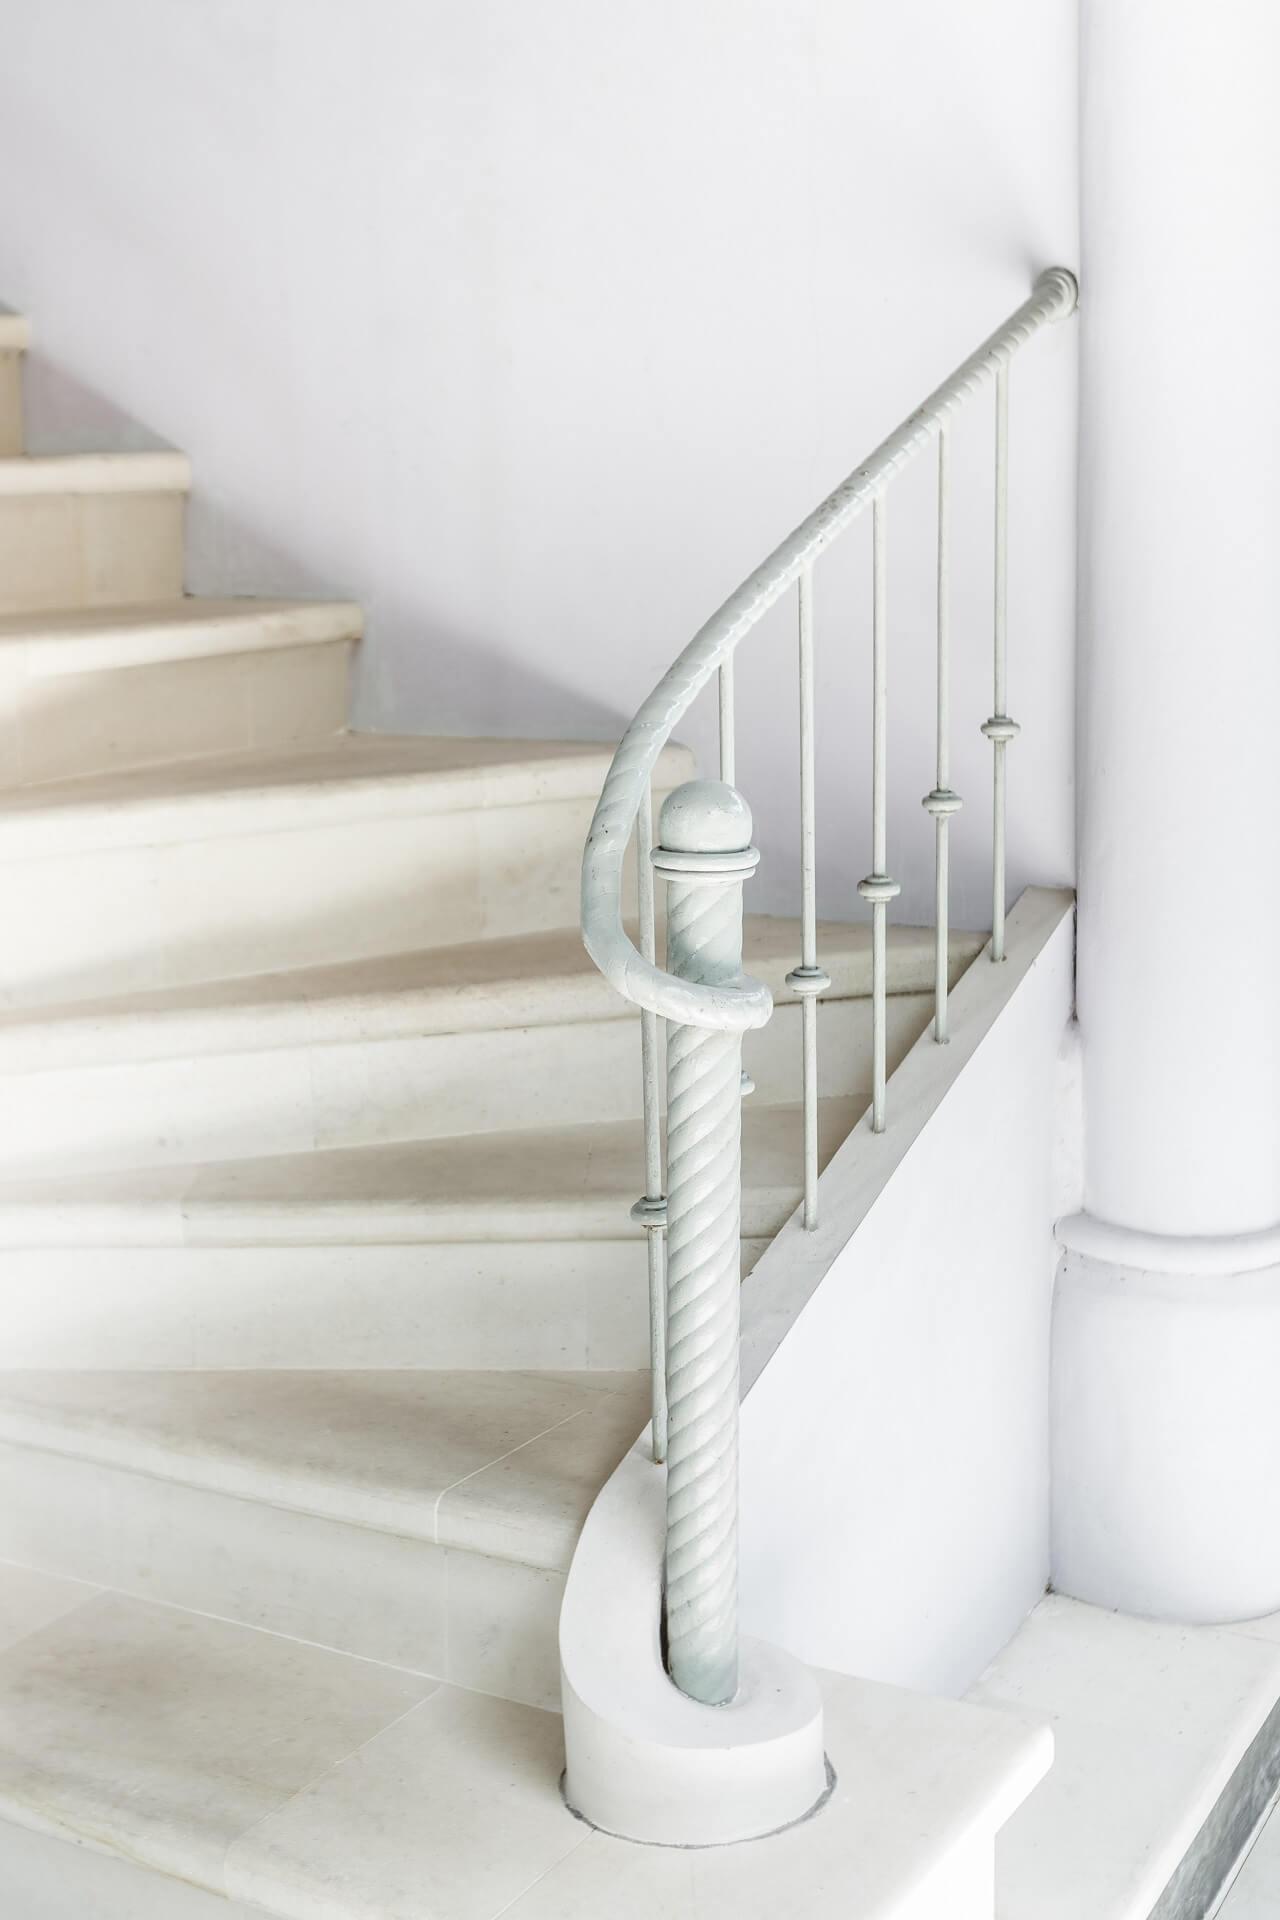 måleri Vit trappa med vitt räcke för tappning PROFFSMÅLERI I SKÅNE AB